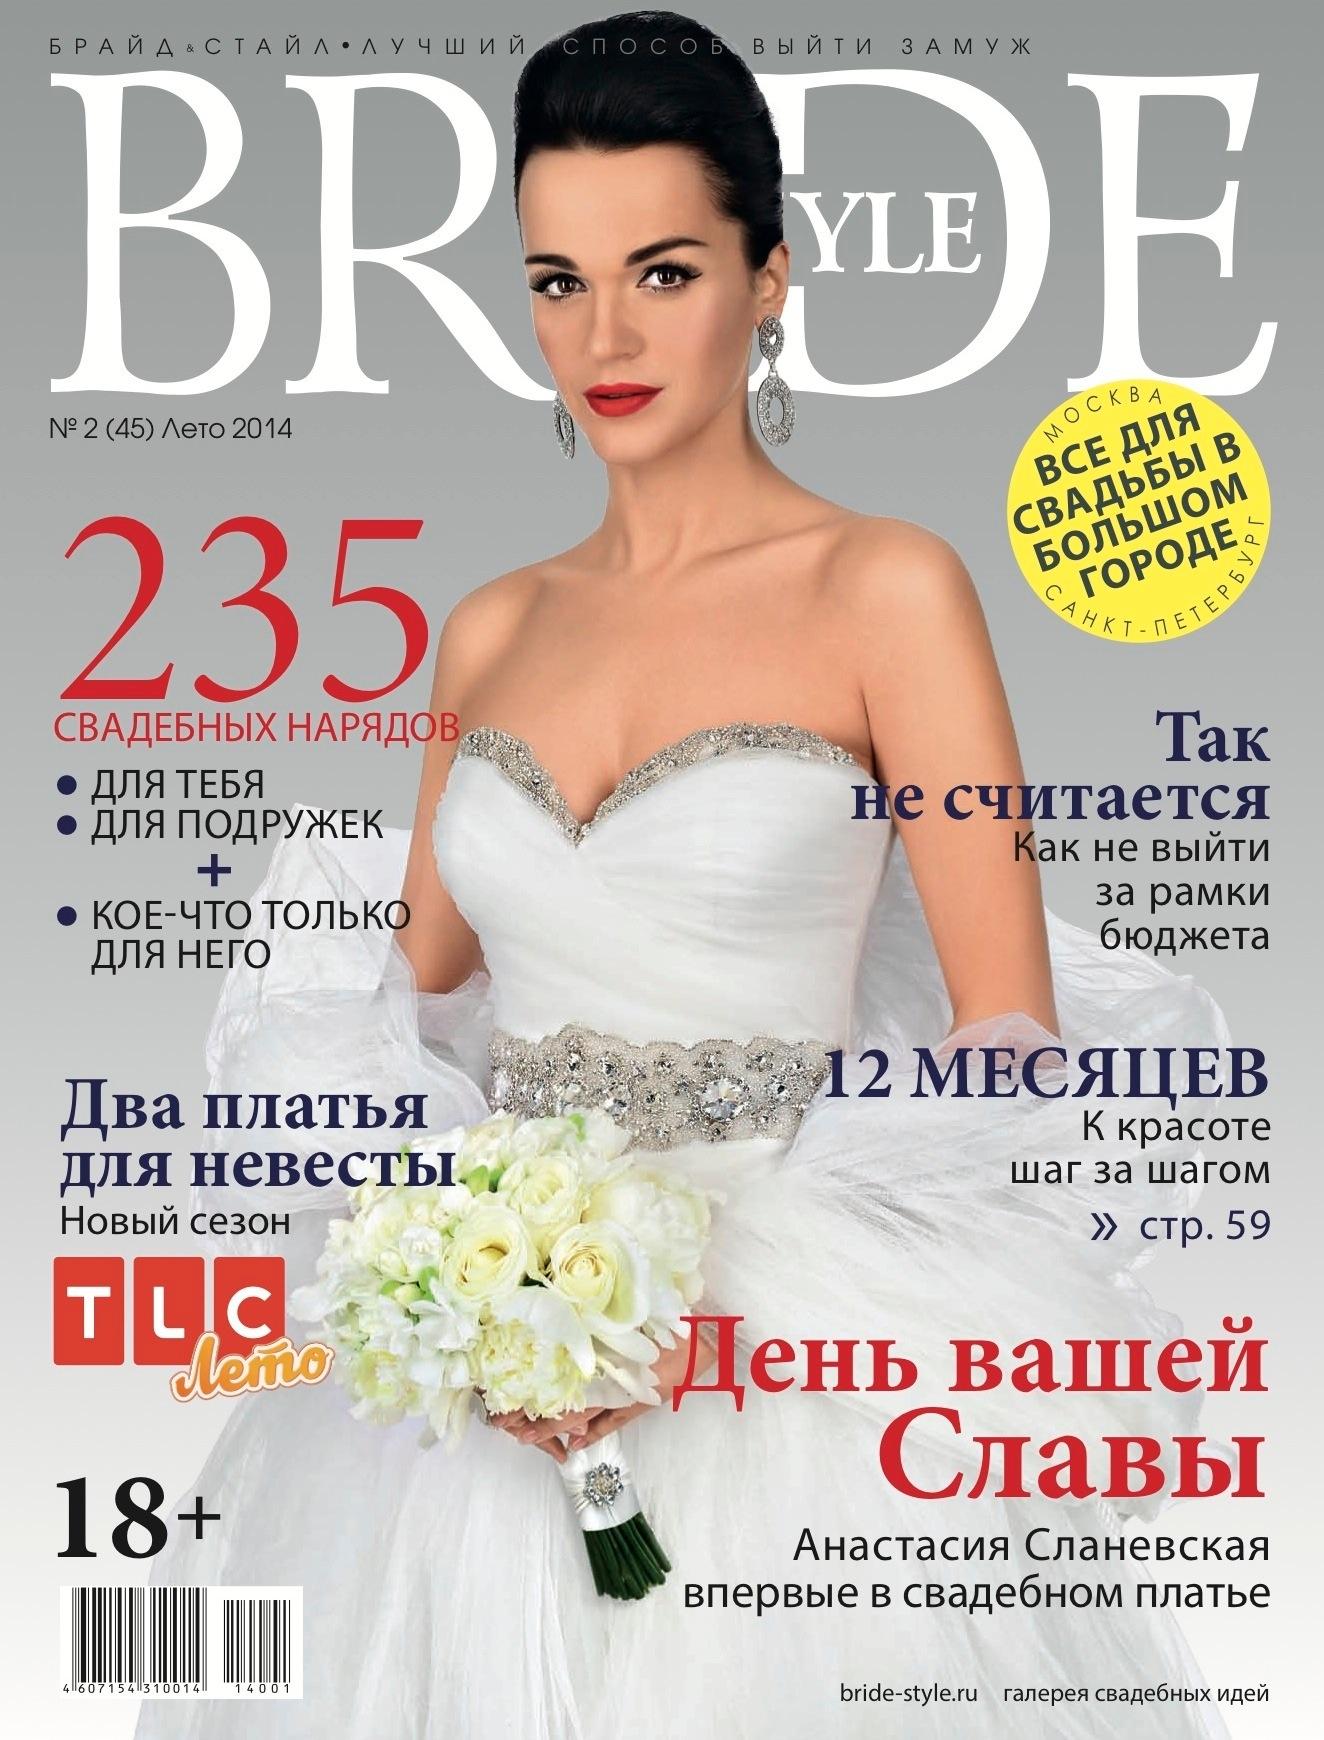 чужой дом картинки из журнала невеста созданы отличные условия